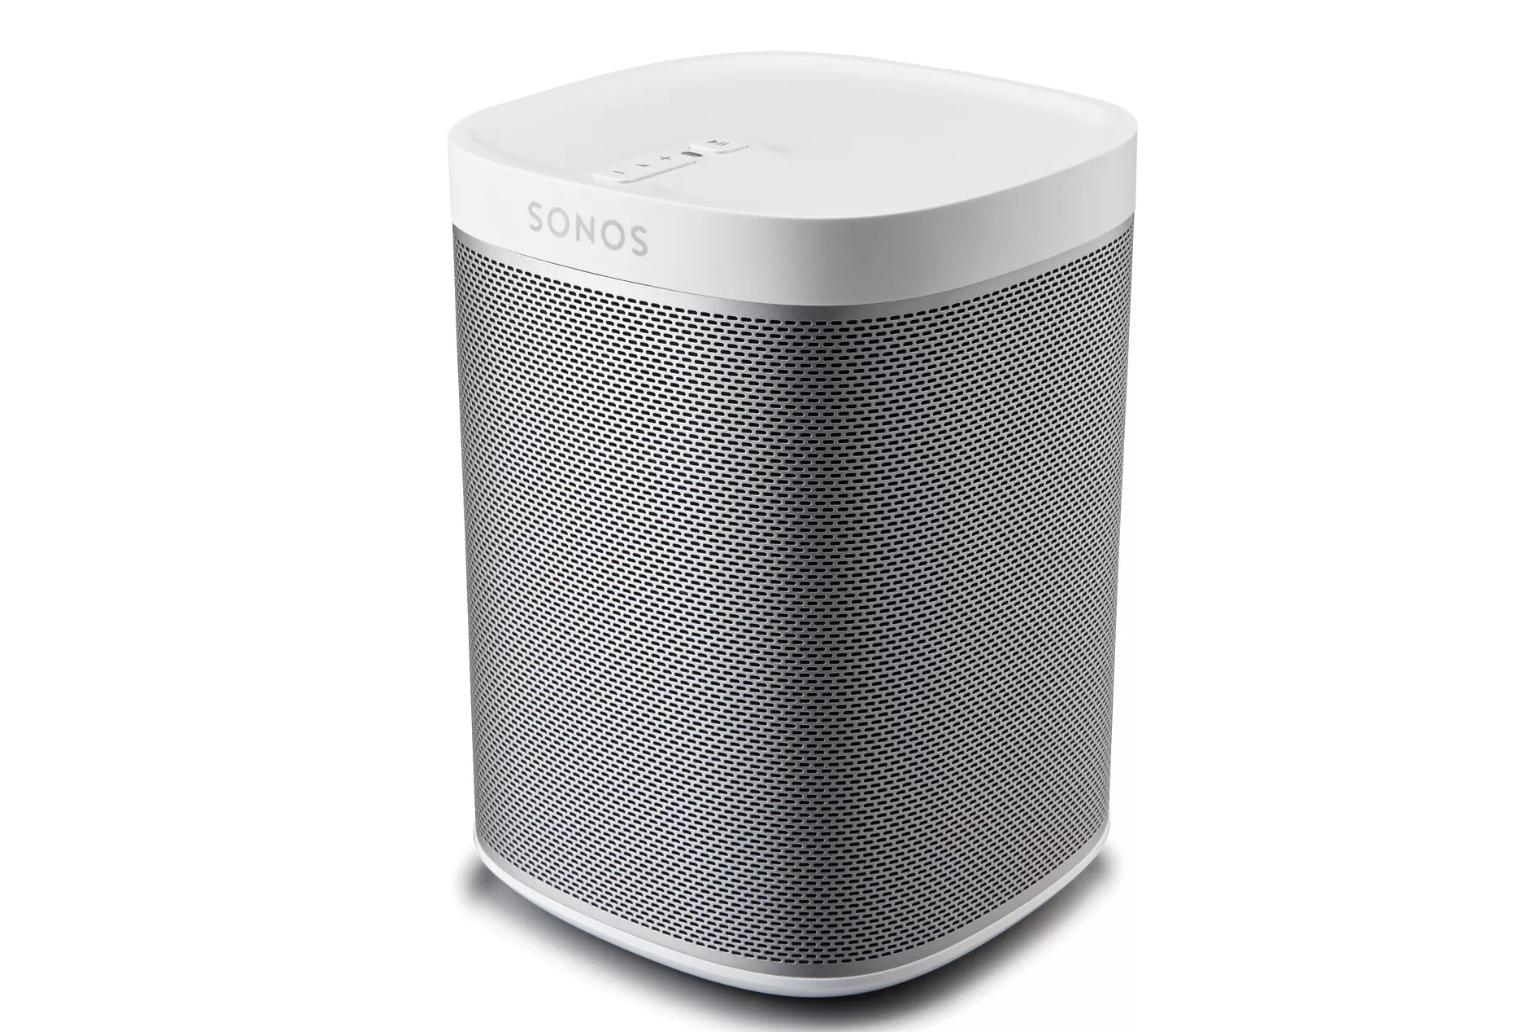 3703c6509 Patrick Spence, CEO da Sonos, fala com Hamilton Dias de Souza e Lauren  Goode sobre o mercado de alto-falantes em casa e como a Sonos está  competindo com os ...